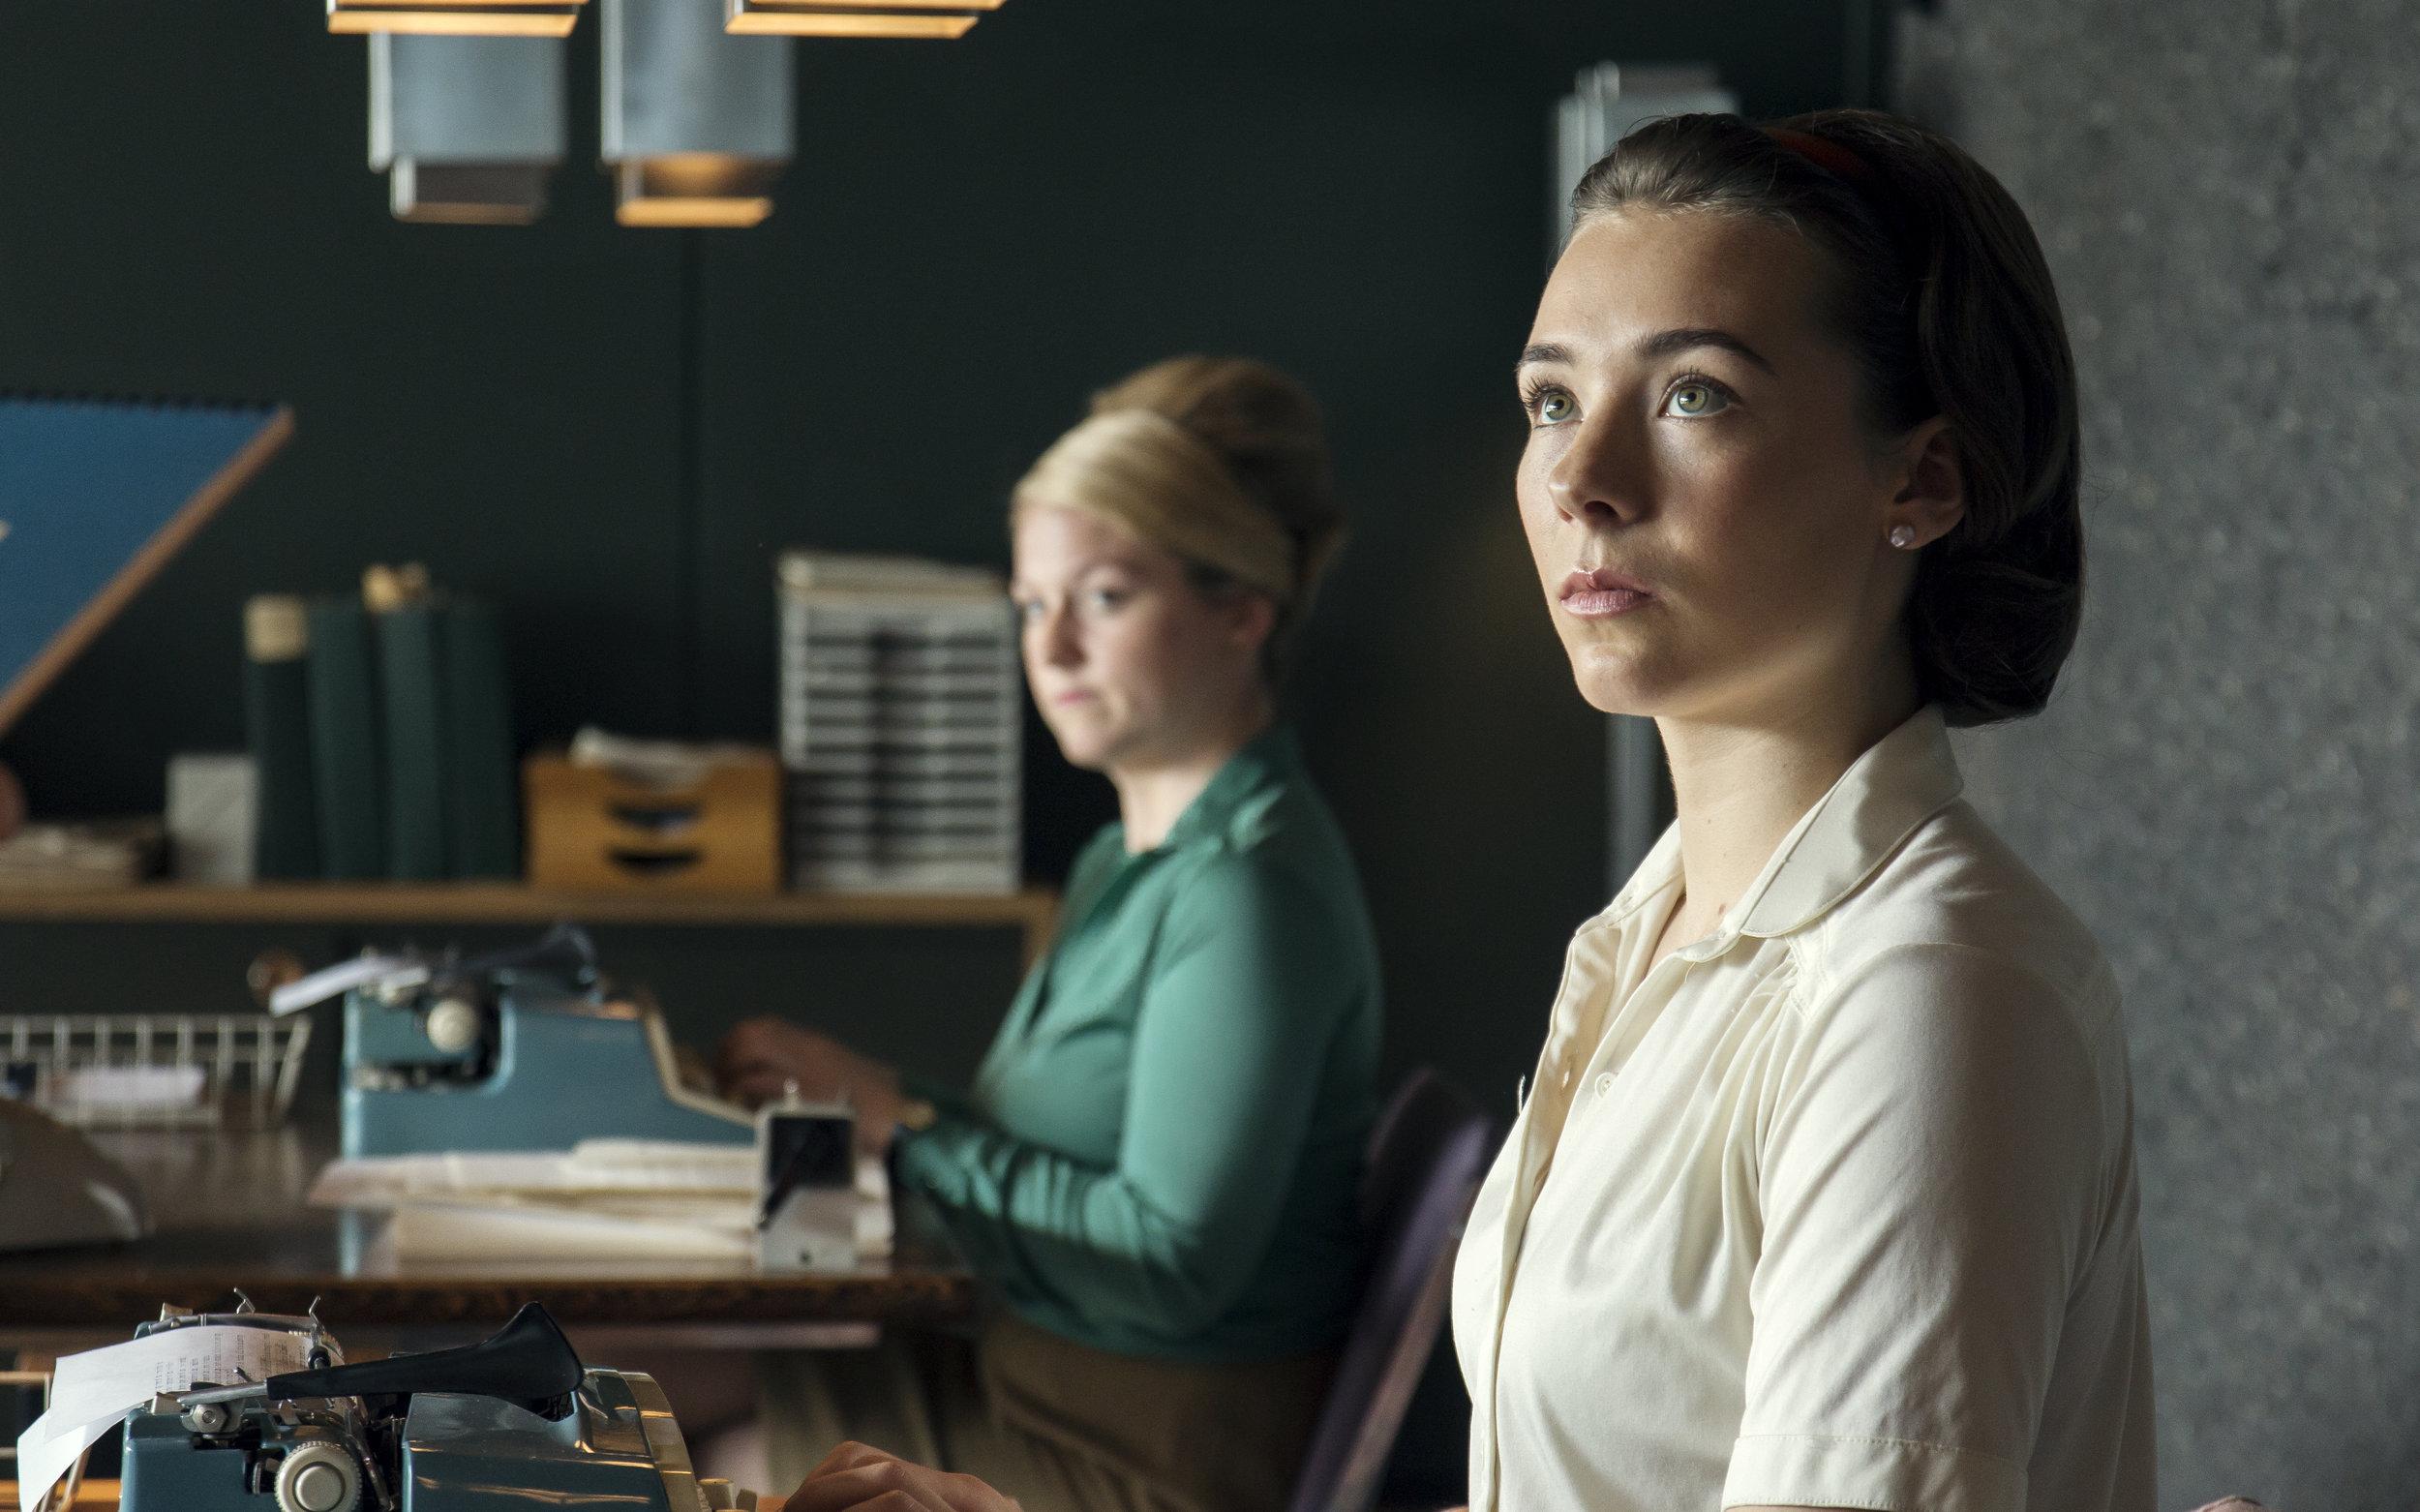 LYKKELAND_Anna og sekretærene3_Foto_Petter Skafle Henriksen_NRK_Maipo Film kopi.jpg